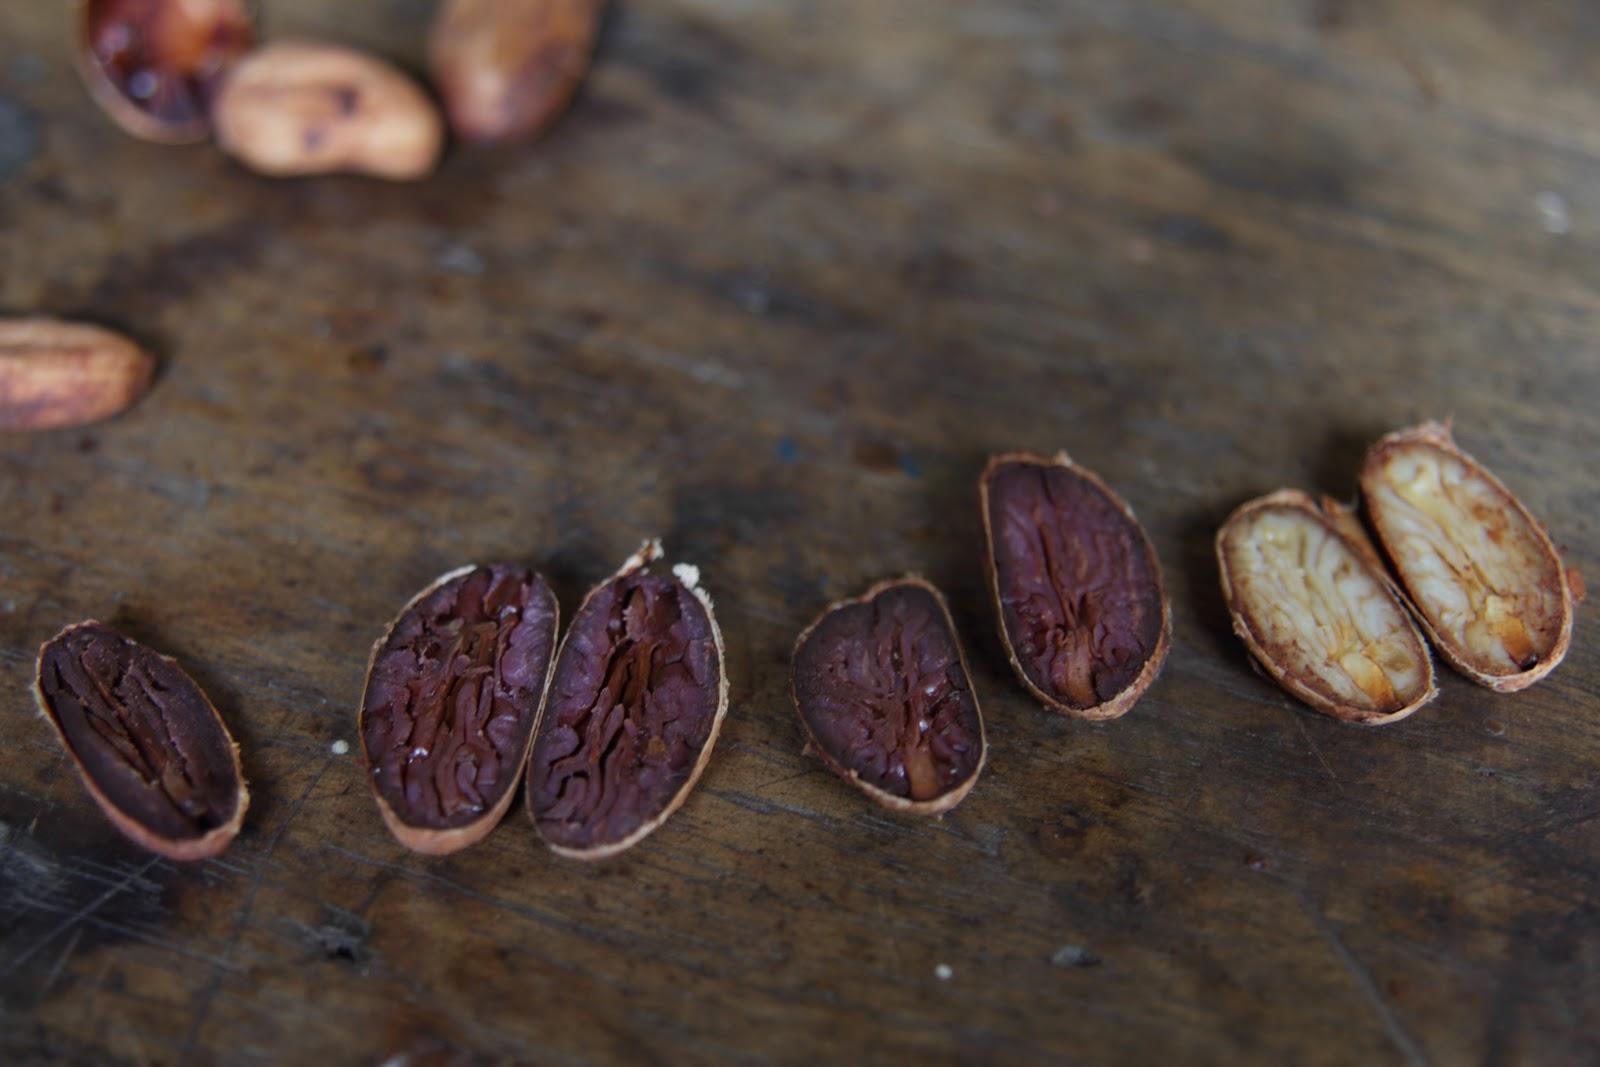 granos de cacao partidos por la mitad